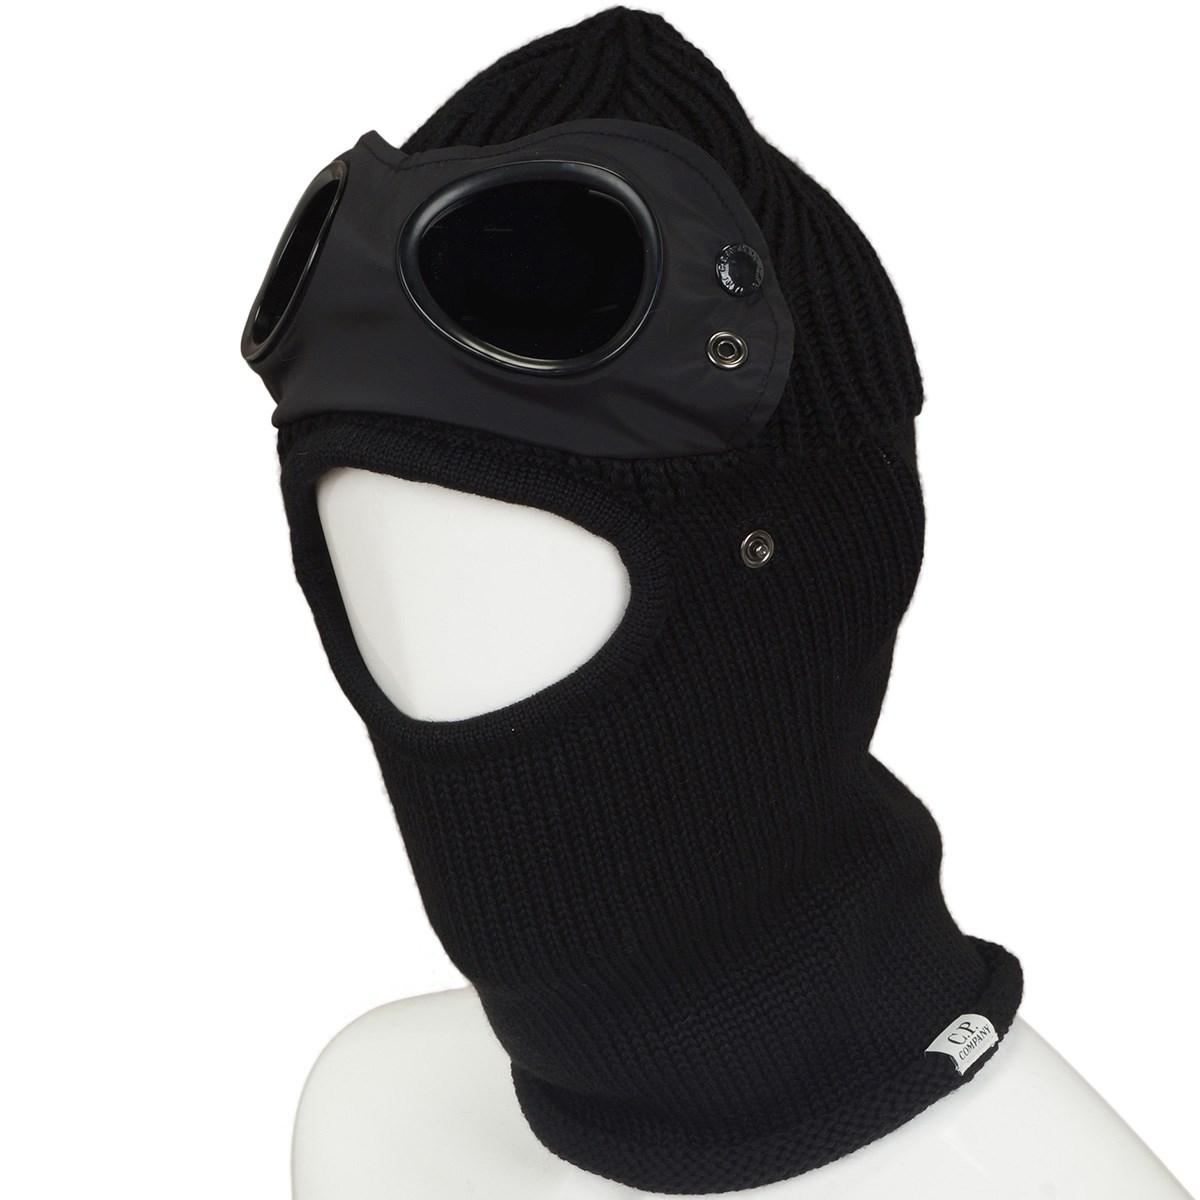 シーピーカンパニー ゴーグル付きスキーマスク